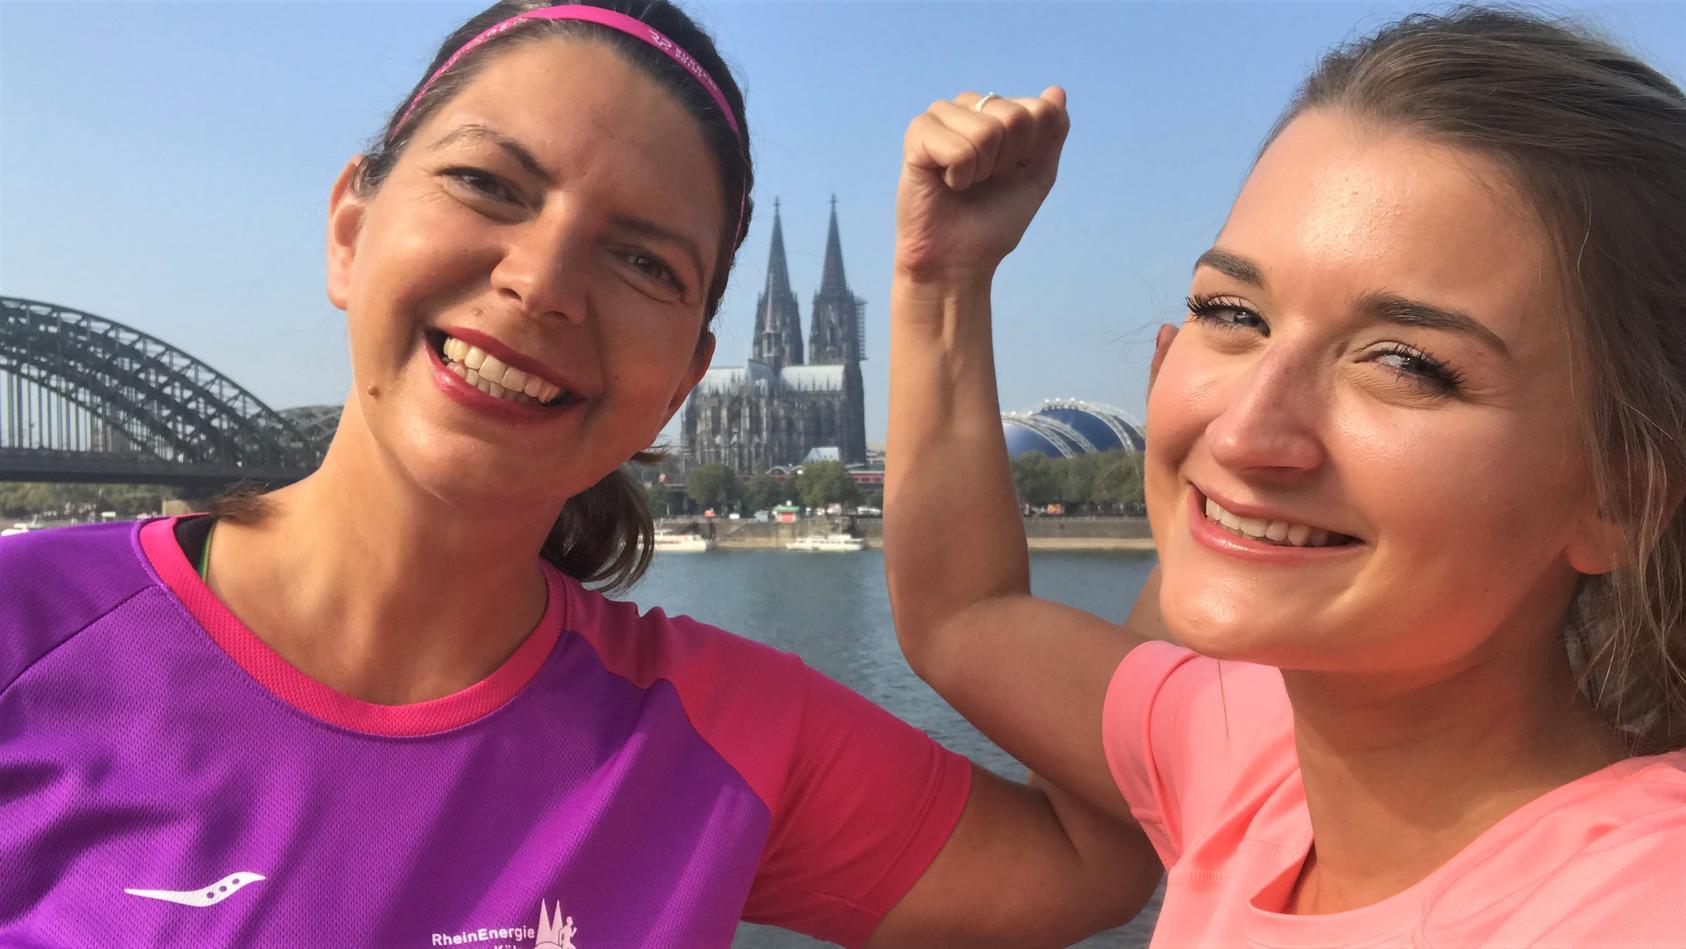 Dany und Romina wollen den Halbmarathon 2018 in Köln laufen.